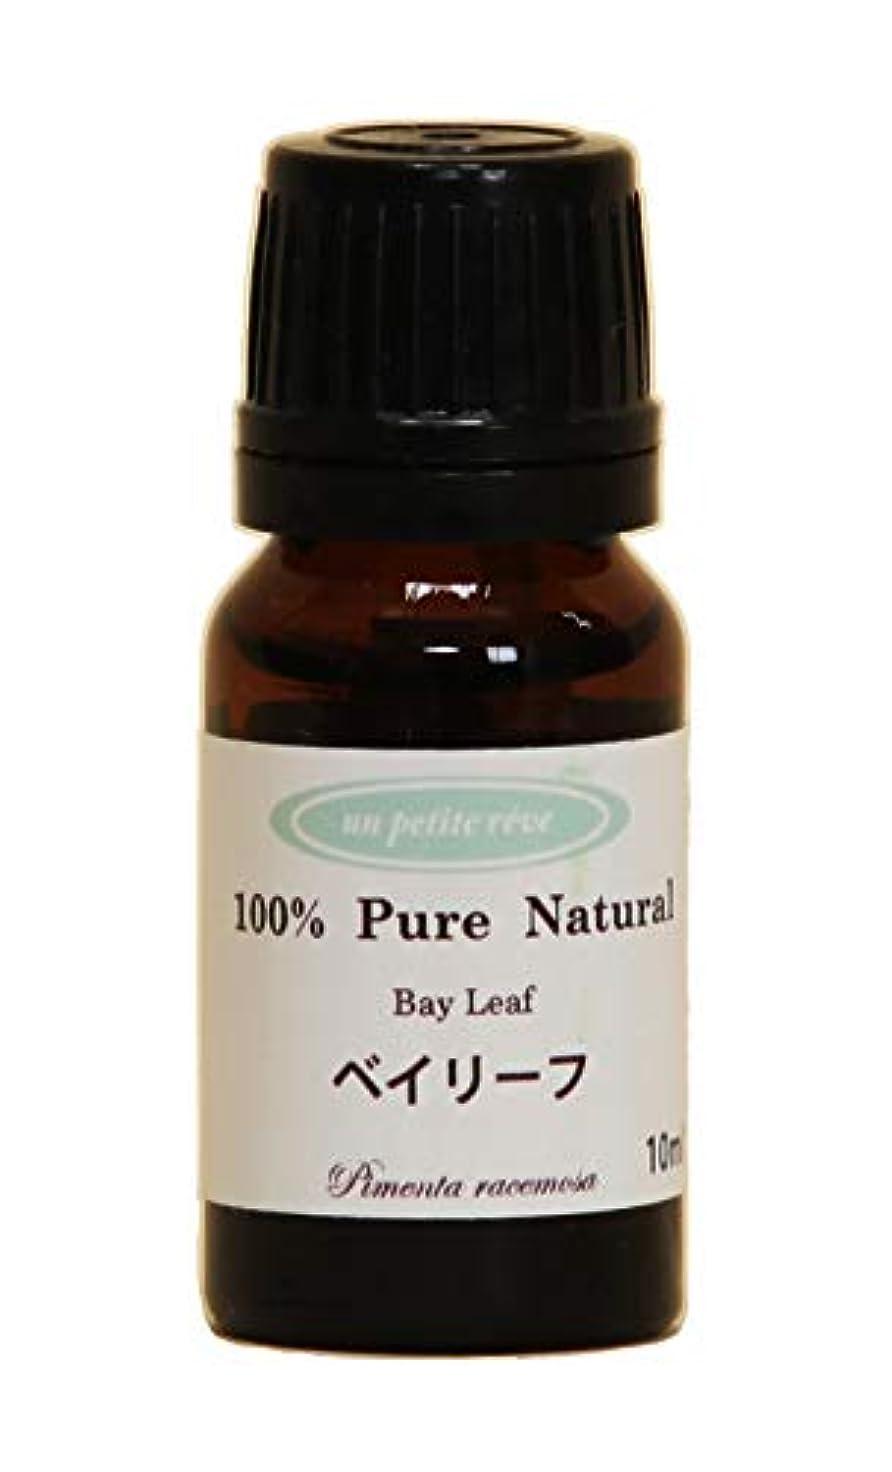 破壊する羽血ベイリーフ10ml 100%天然アロマエッセンシャルオイル(精油)